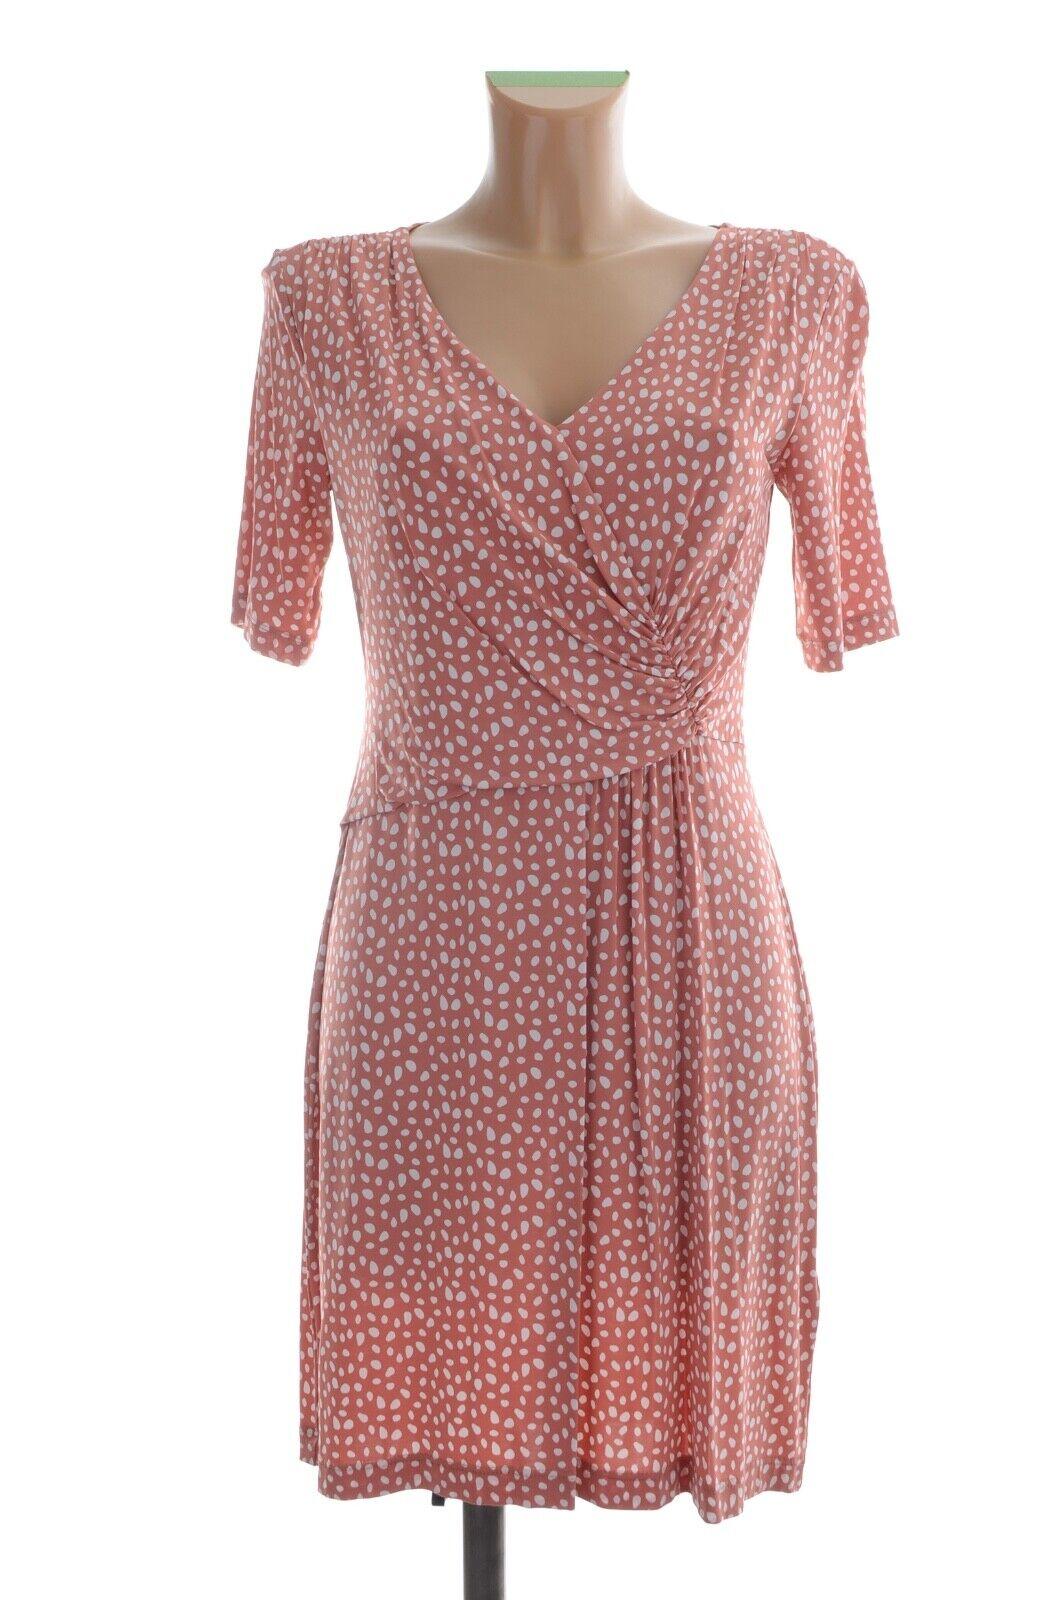 PESERICO Designer Viskose Damen Kleid Gr. It. 44-38 40 M Lachs Weiß